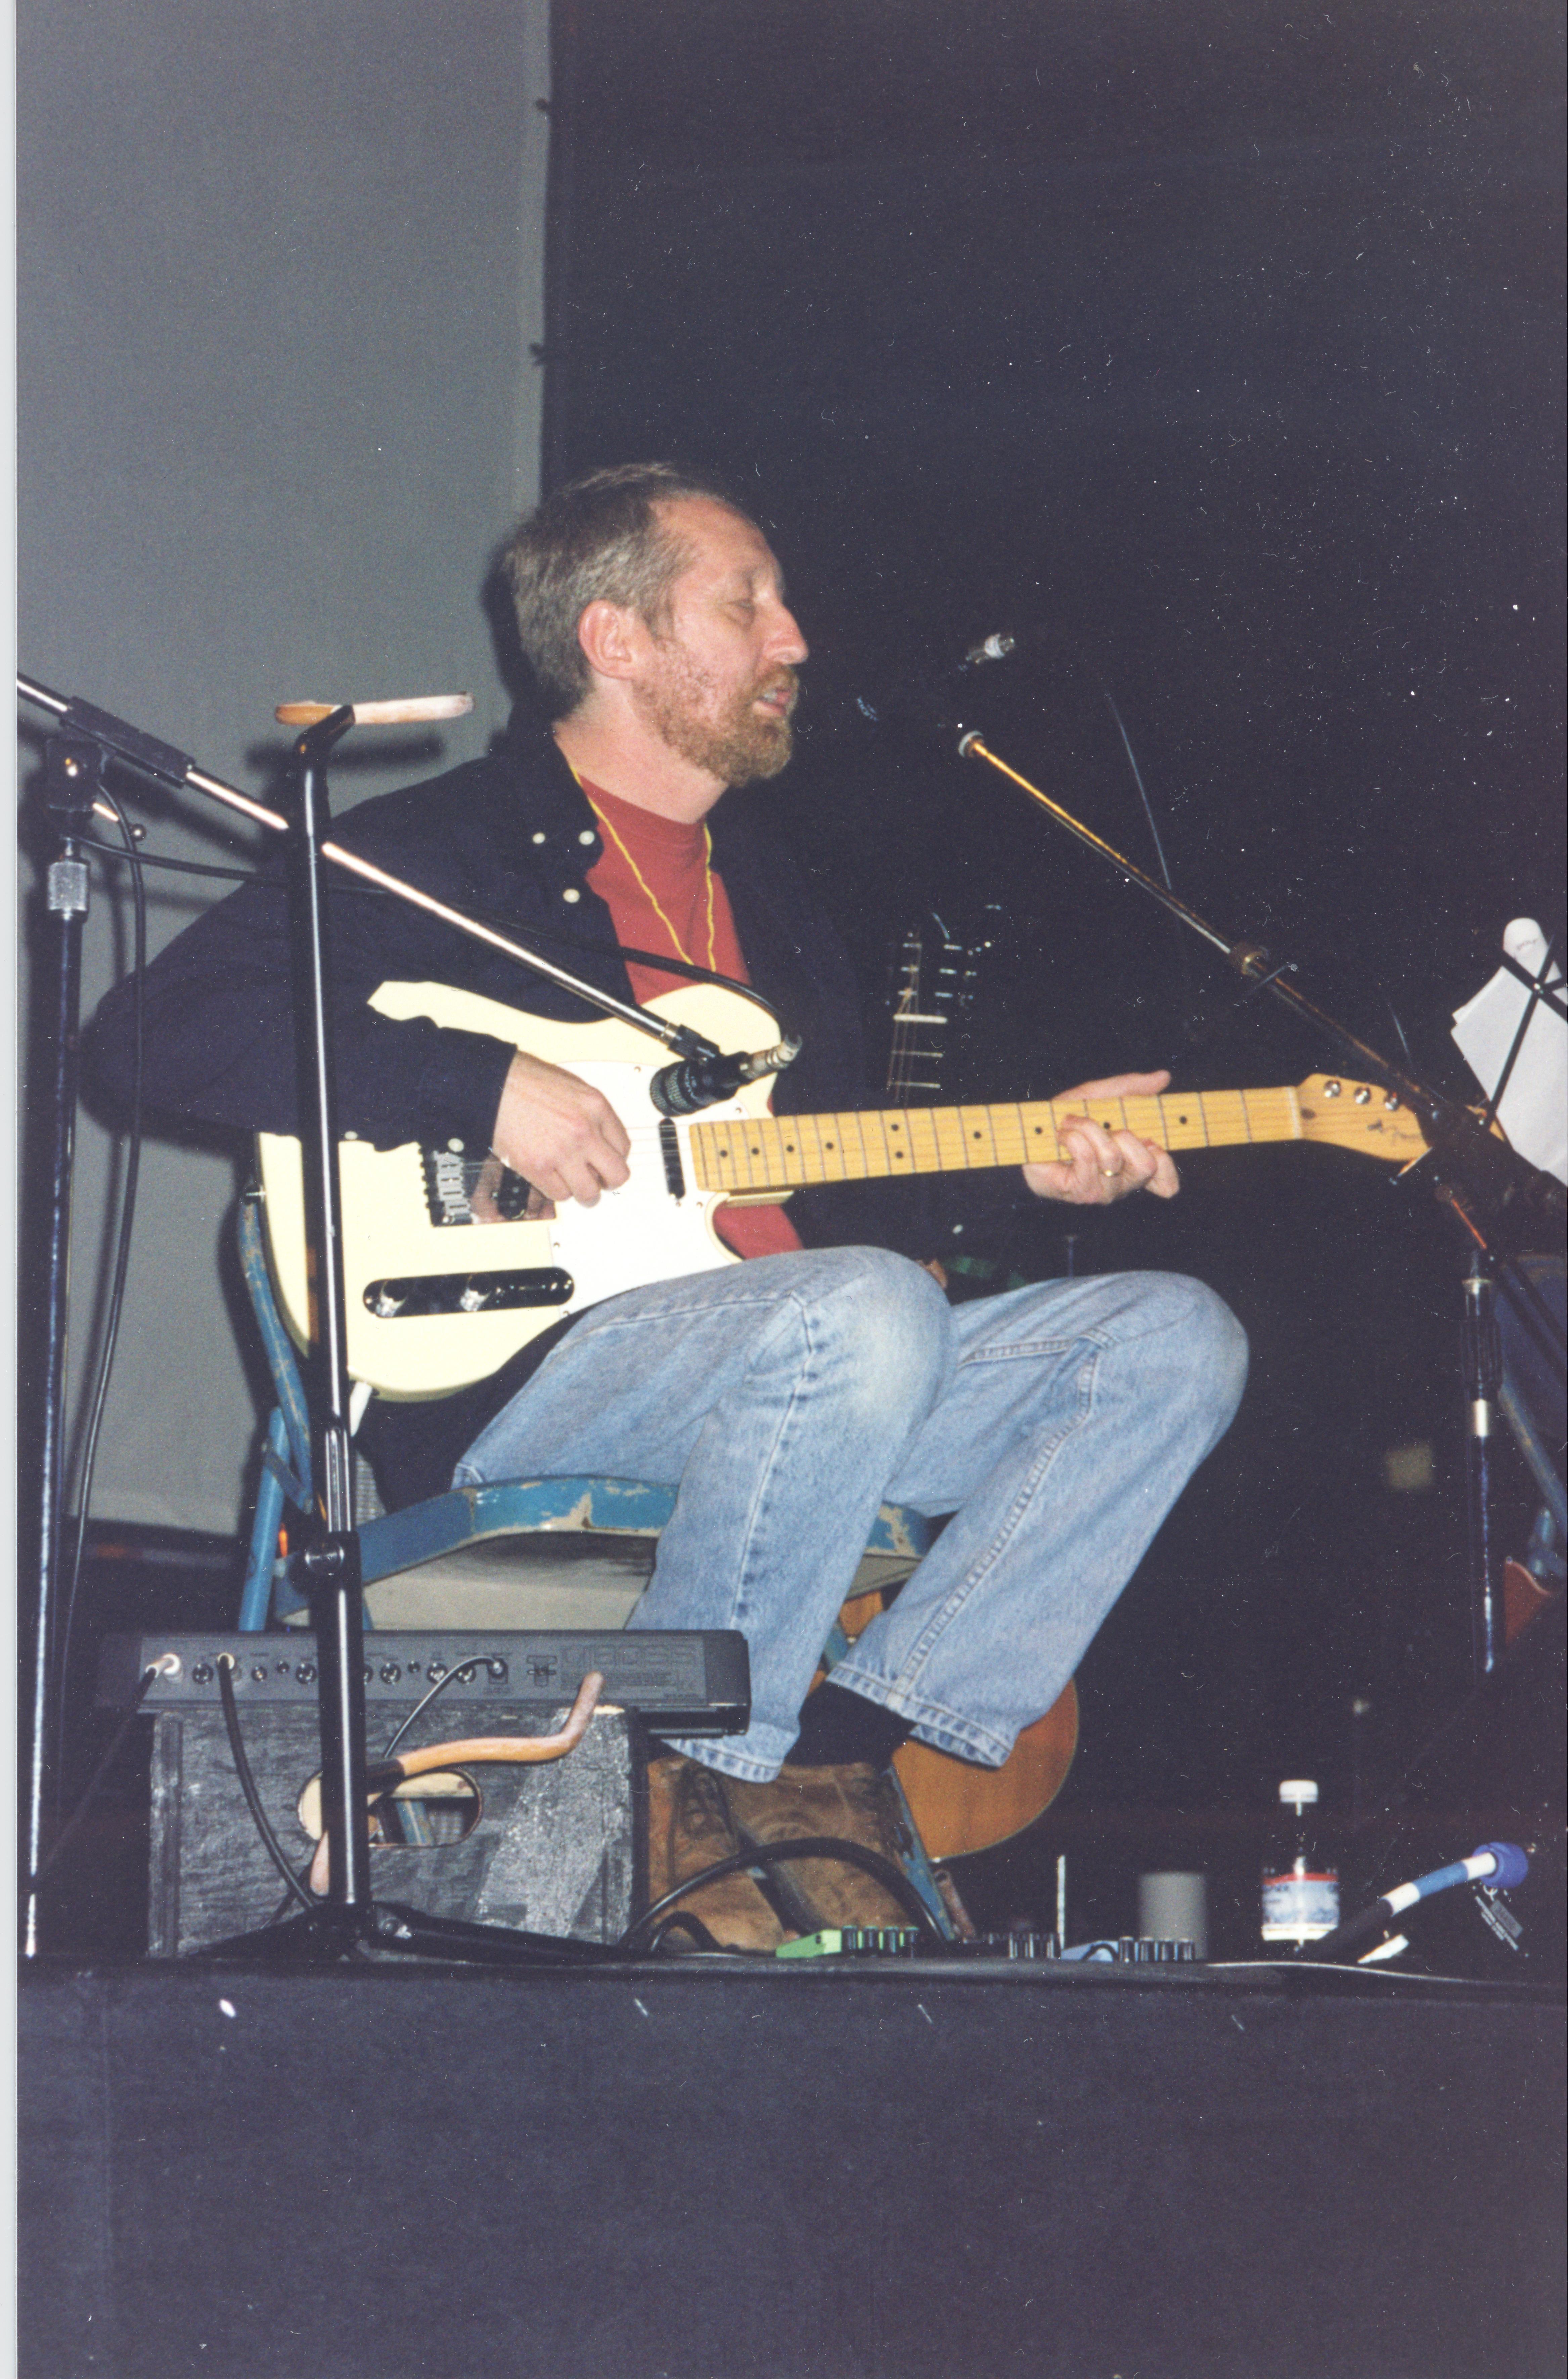 Rapp in a 1998 concert